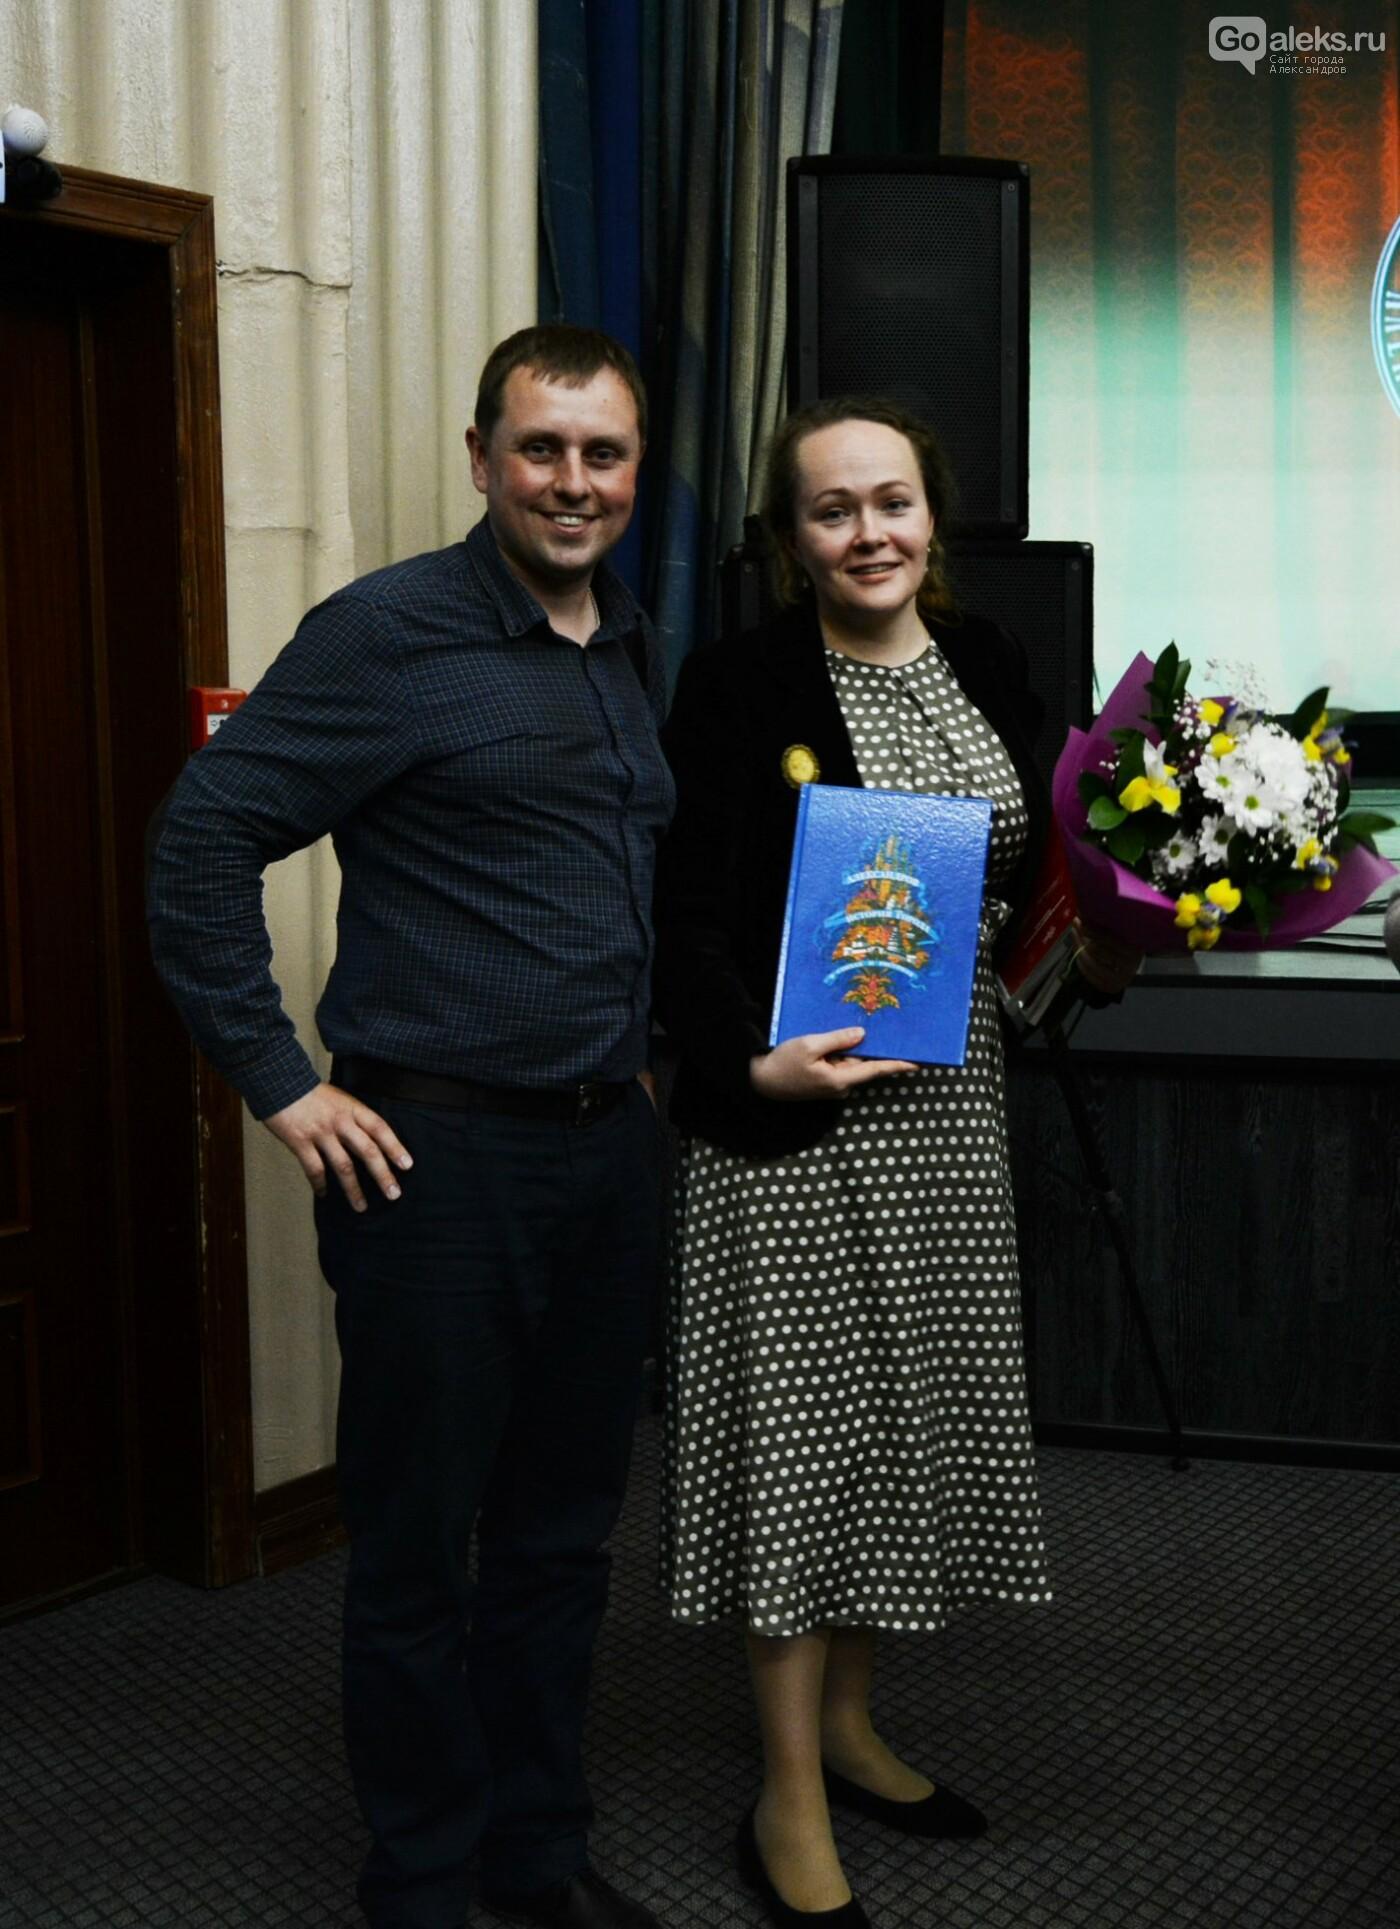 Опера «Александр Невский» в Александрове, goaleks.ru